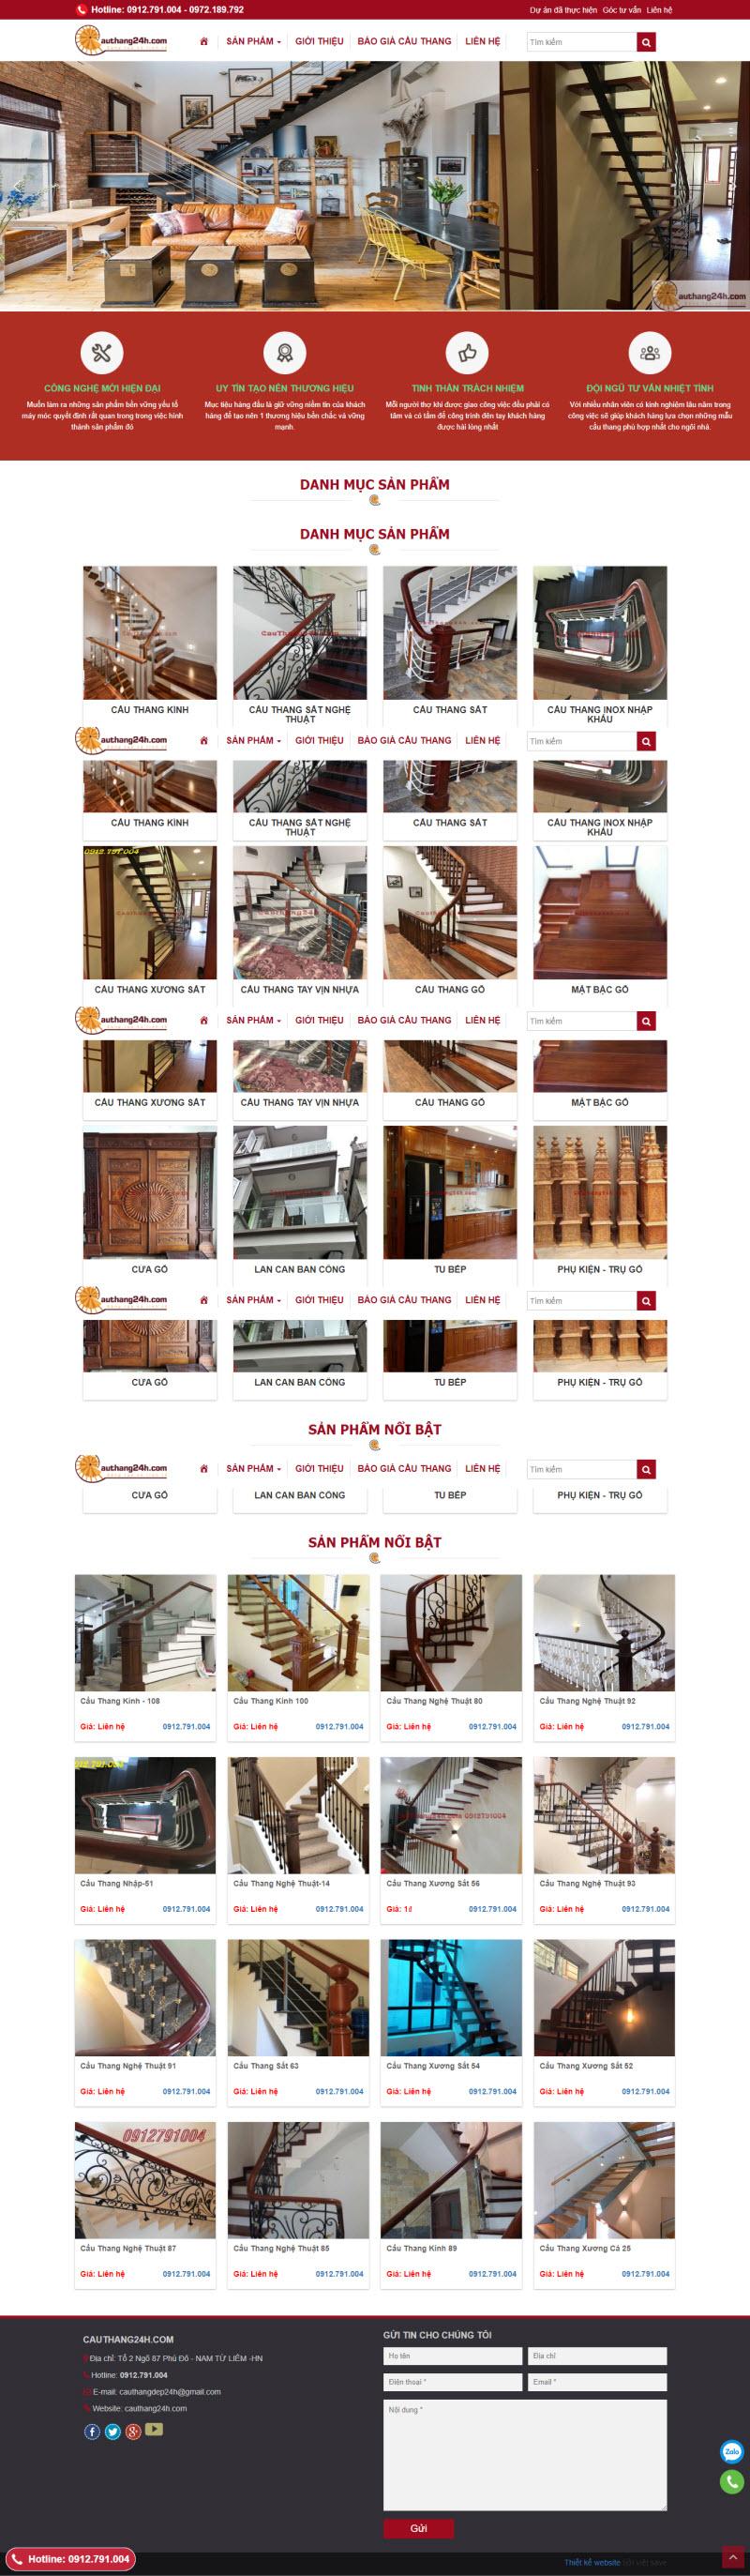 Thiết kế mẫu website cơ bản 08